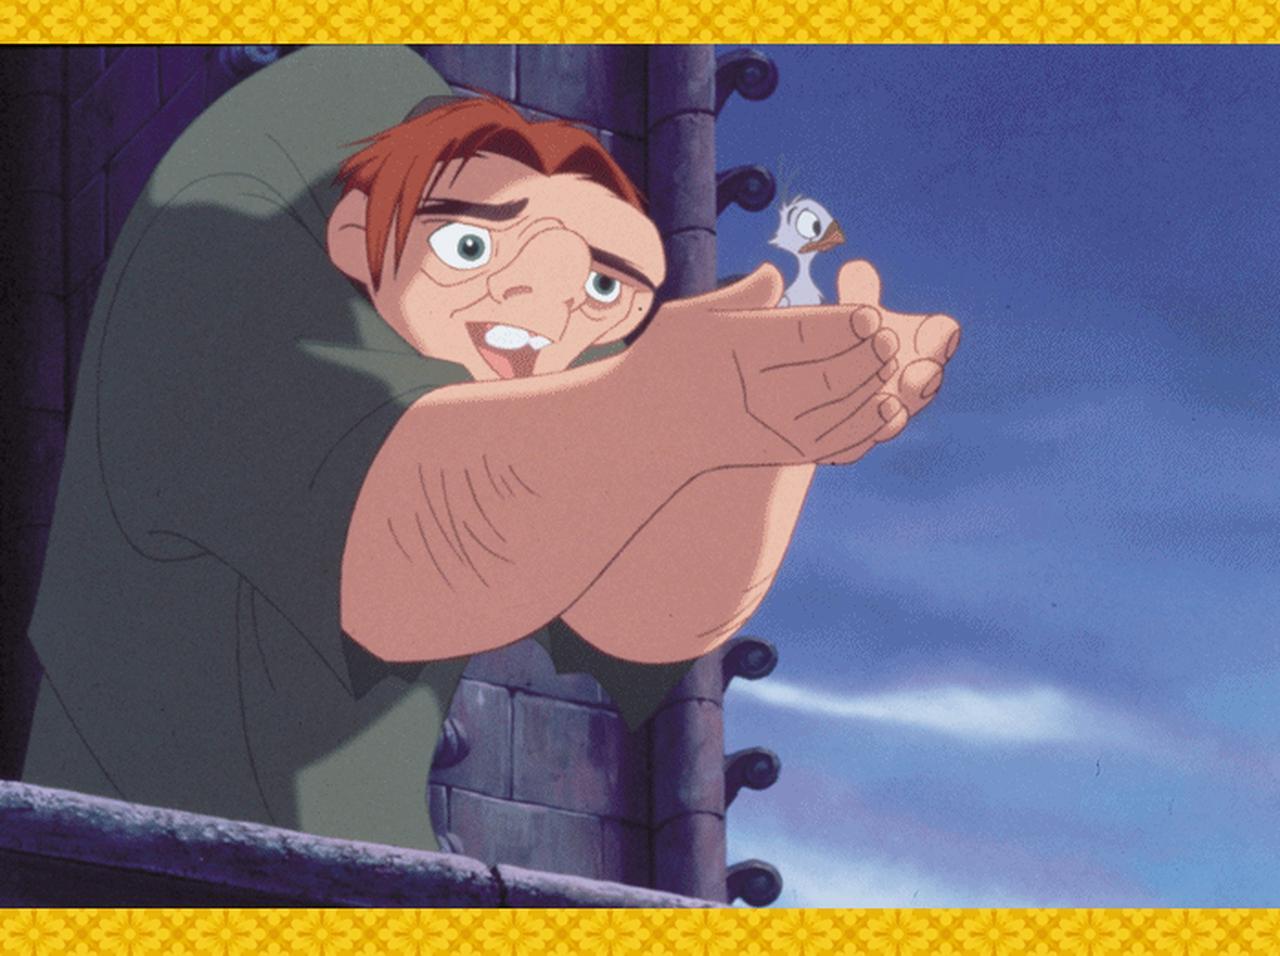 あなたの知らないのフランスアニメ - NAVER ...